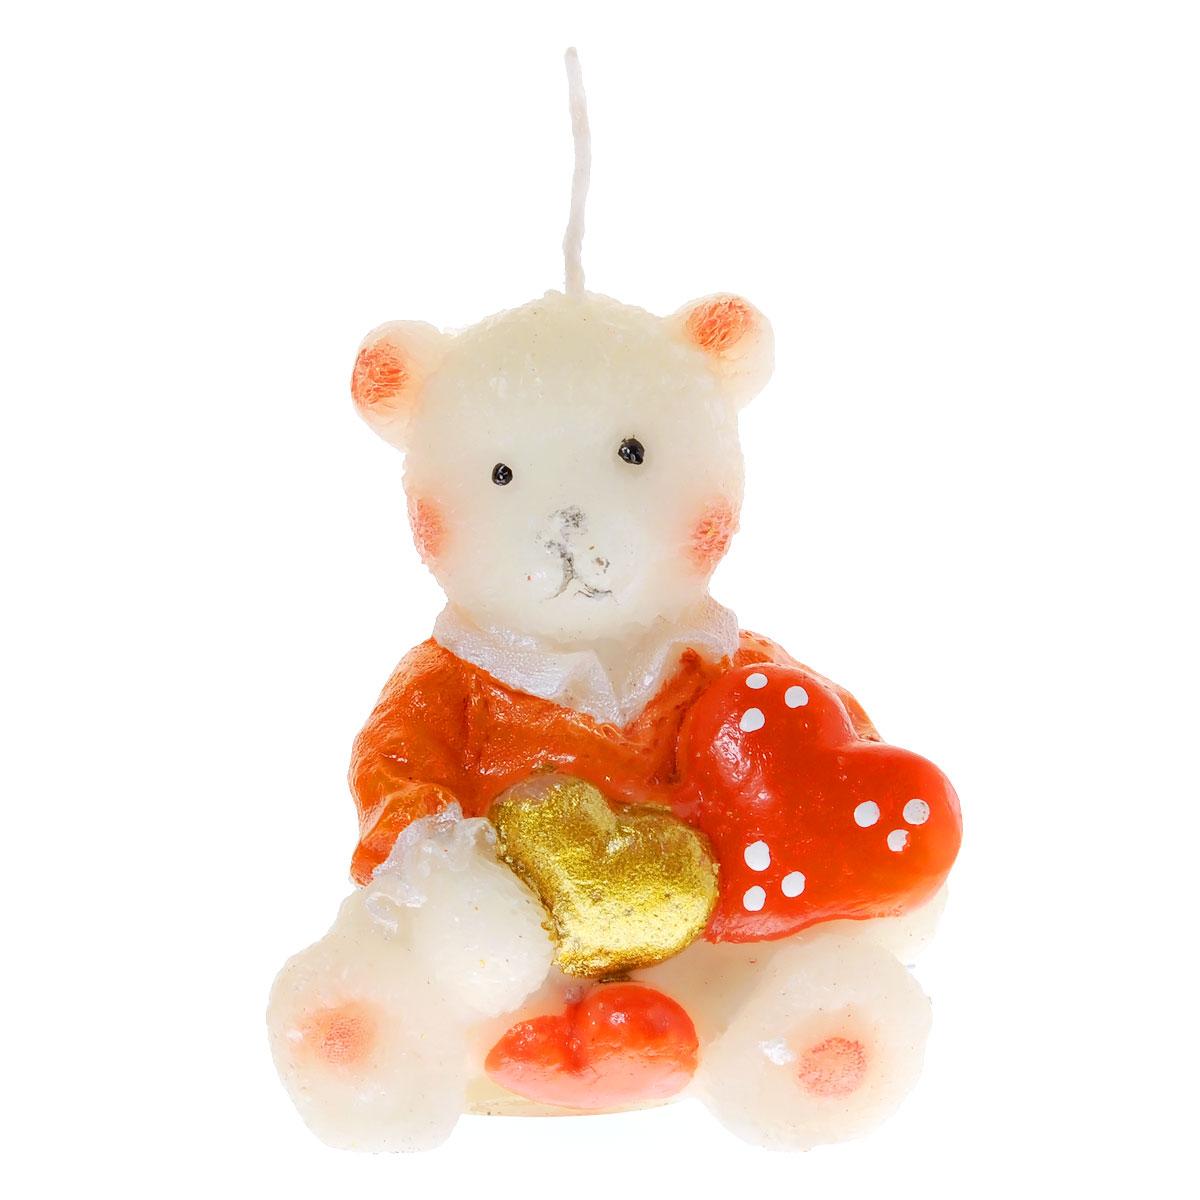 Свеча декоративная Home Queen Медвежонок с сердцем. 578696113MСвеча декоративная Home Queen Медвежонок с сердцем отличный подарок, подчеркивающий яркую индивидуальность того, кому он предназначается. Изделие выполнено из парафина в виде медвежонка держащего сердечки. Такая свеча украсит интерьер вашего дома или офиса. Оригинальный дизайн и красочное исполнение создадут отличное настроение.